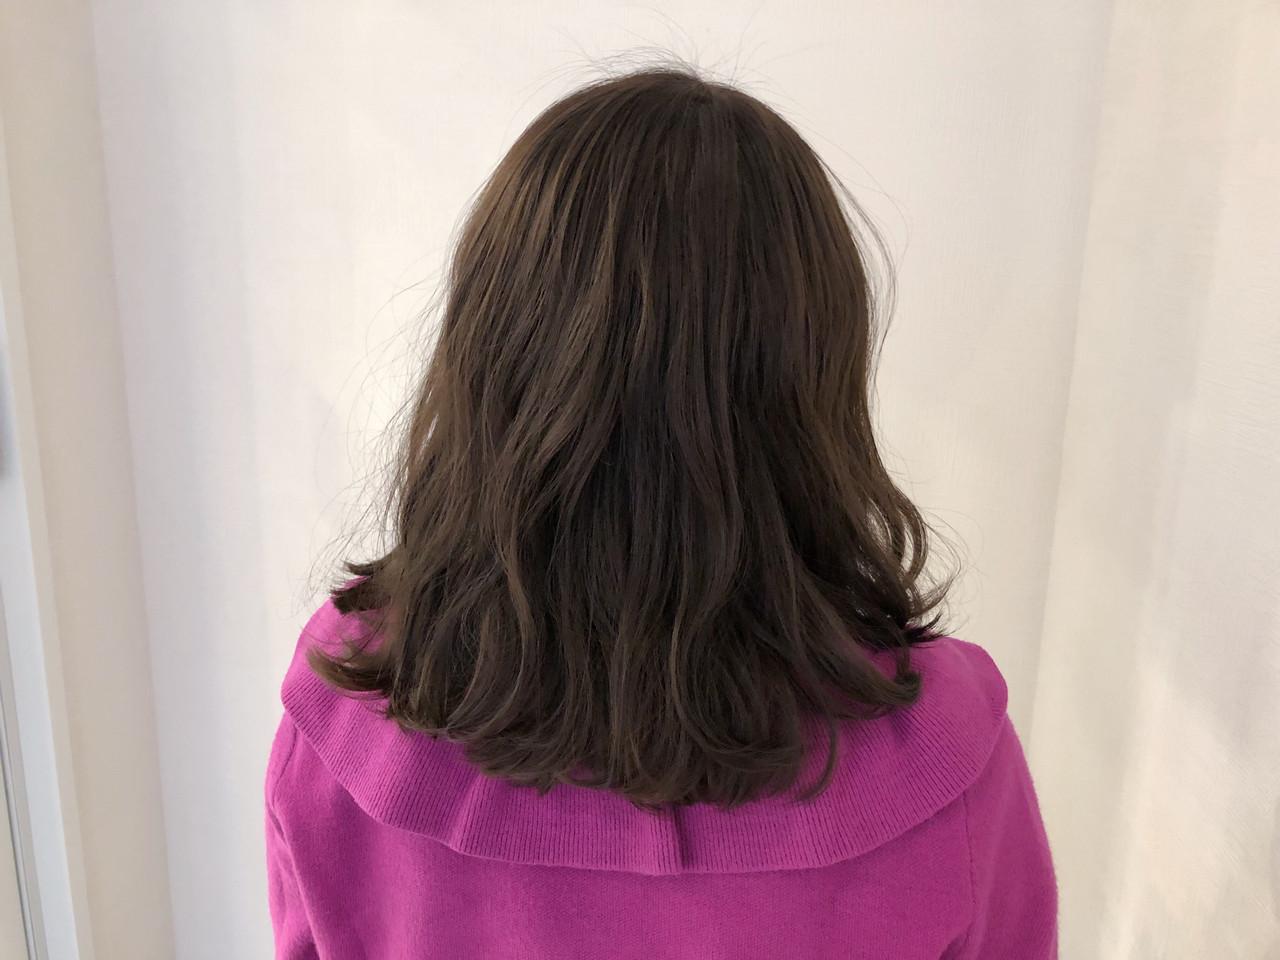 スモーキーカラー 簡単ヘアアレンジ デート ヘアアレンジ ヘアスタイルや髪型の写真・画像